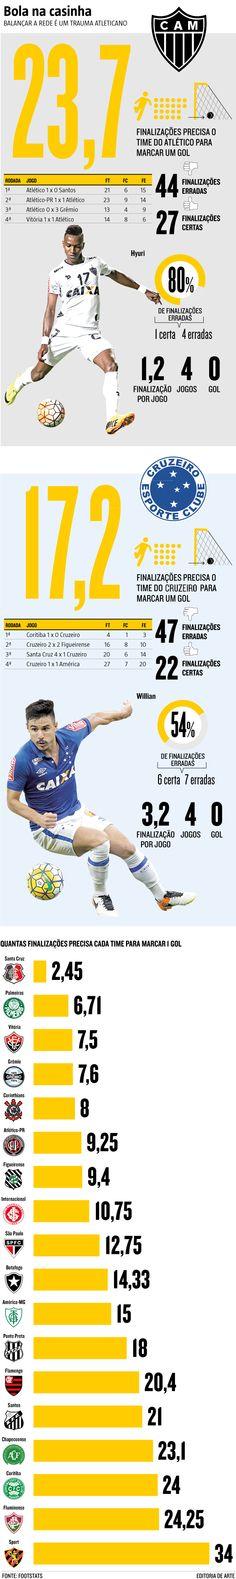 O ataque do Atlético em 2016 igualou uma marca negativa do clube na  história do Campeonato 37281a5099918